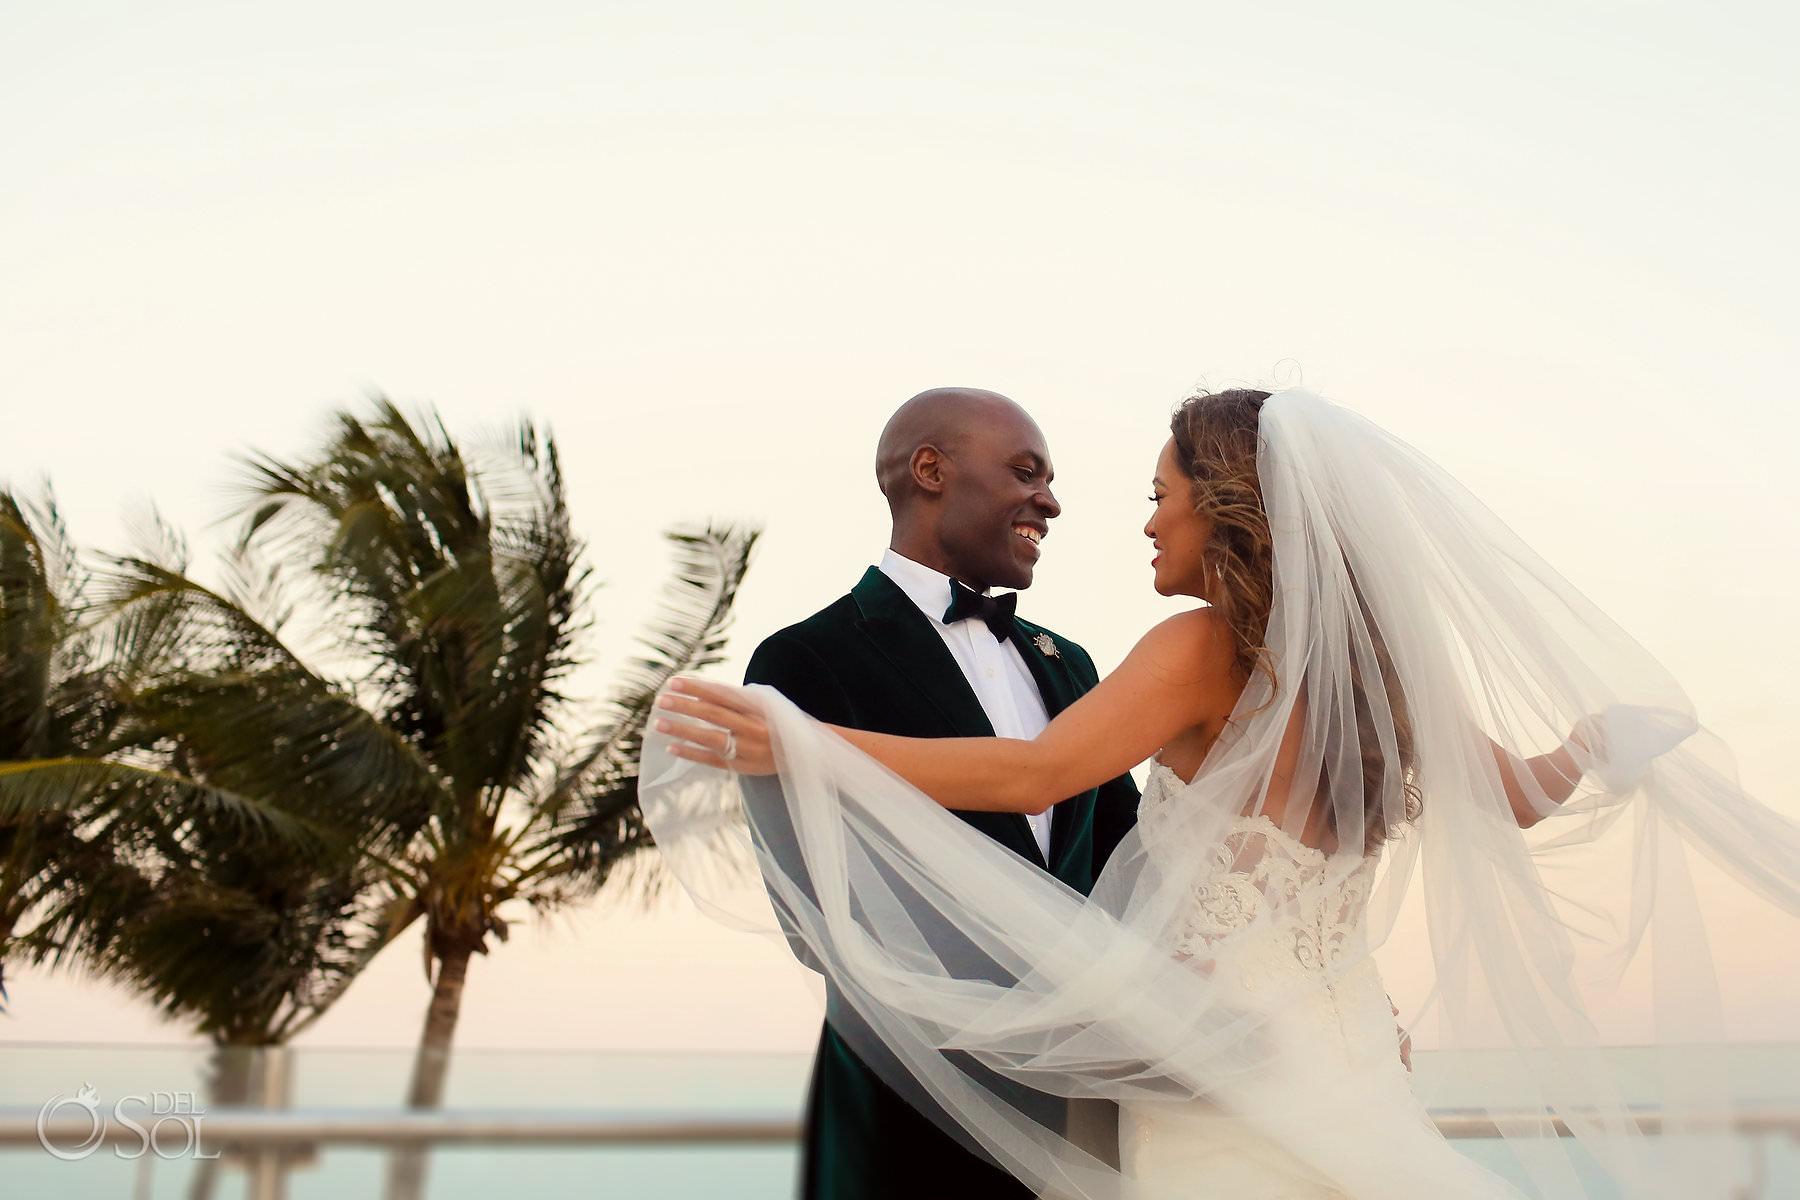 Riviera Maya rooftop terrace wedding ceremony locations Dreams Riviera Cancun Oceana Rooftop